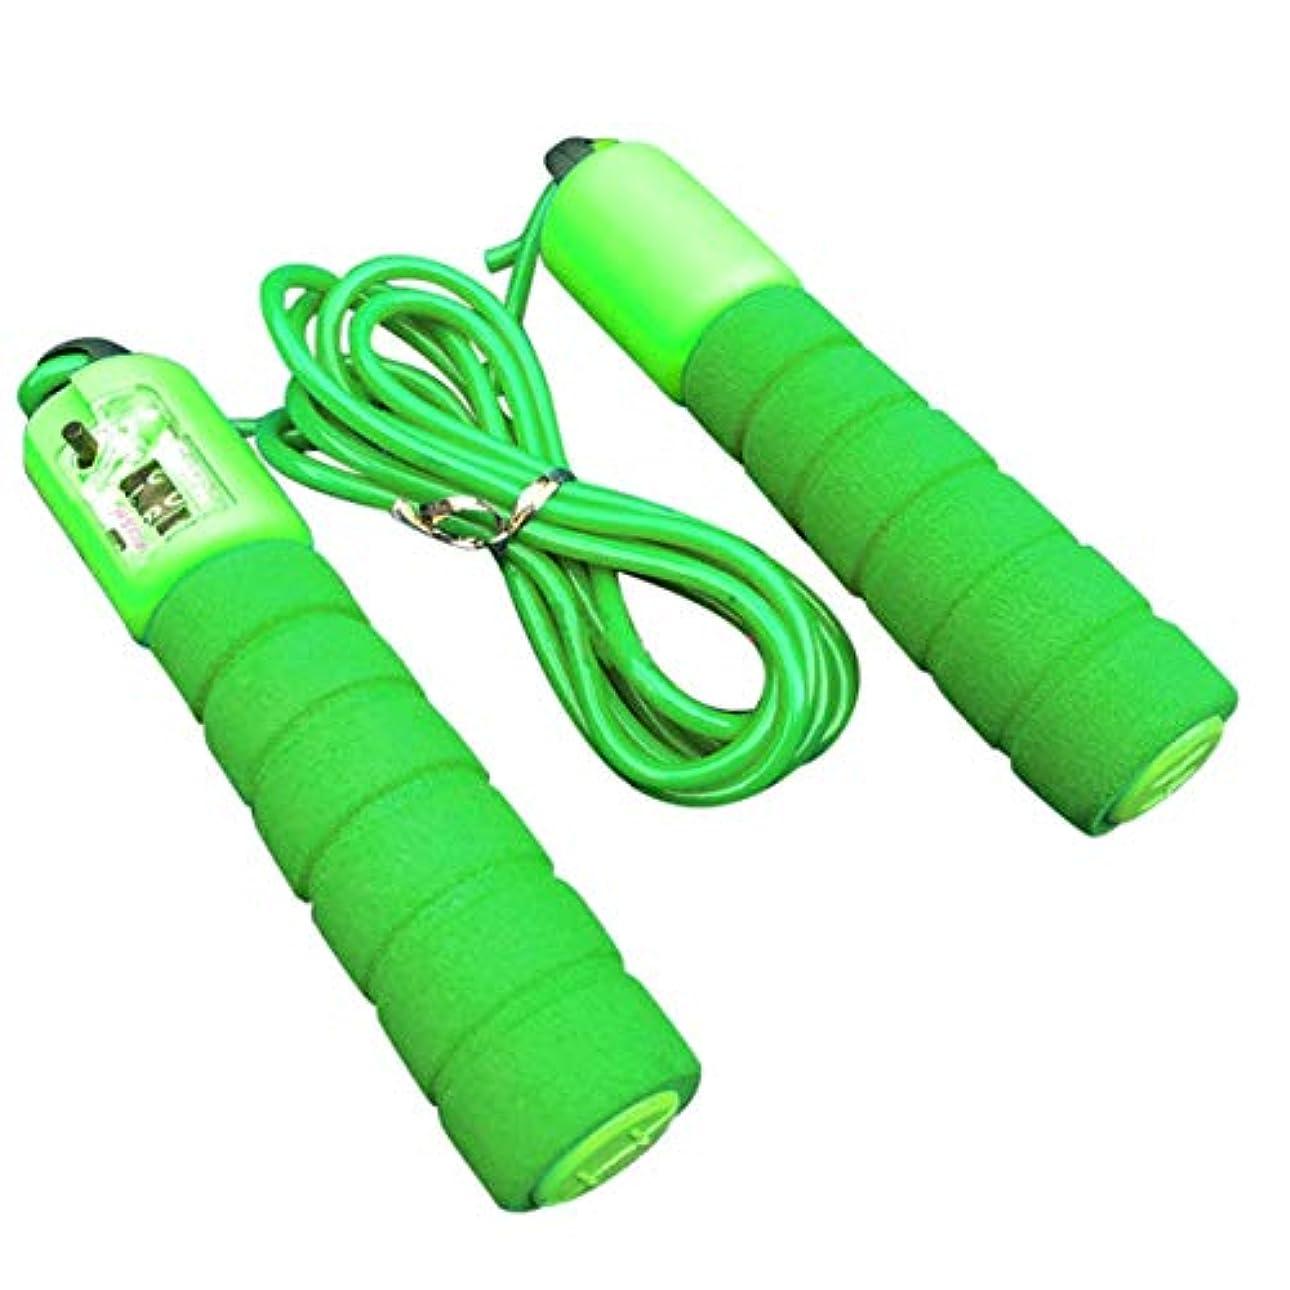 クレーン見える雑品調節可能なプロフェッショナルカウント縄跳び自動カウントジャンプロープフィットネス運動高速カウントジャンプロープ - グリーン